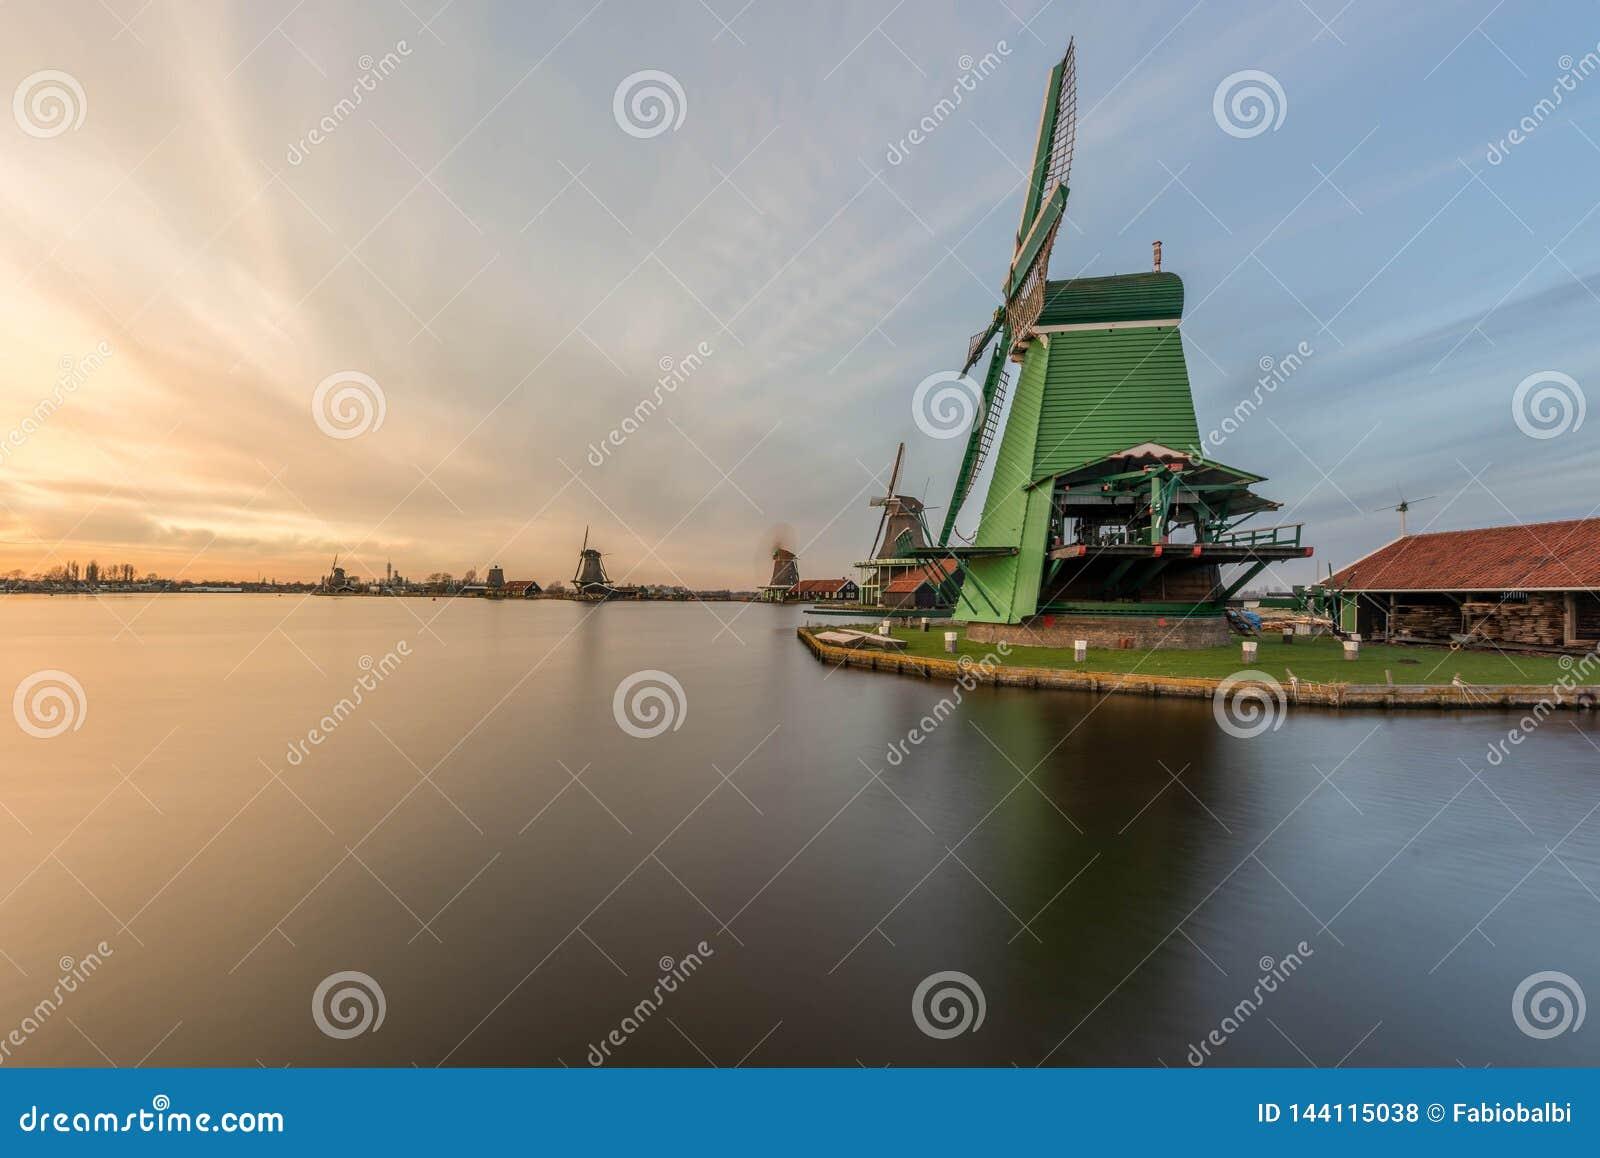 Zanes-Schans netherlands Olandese, mulino